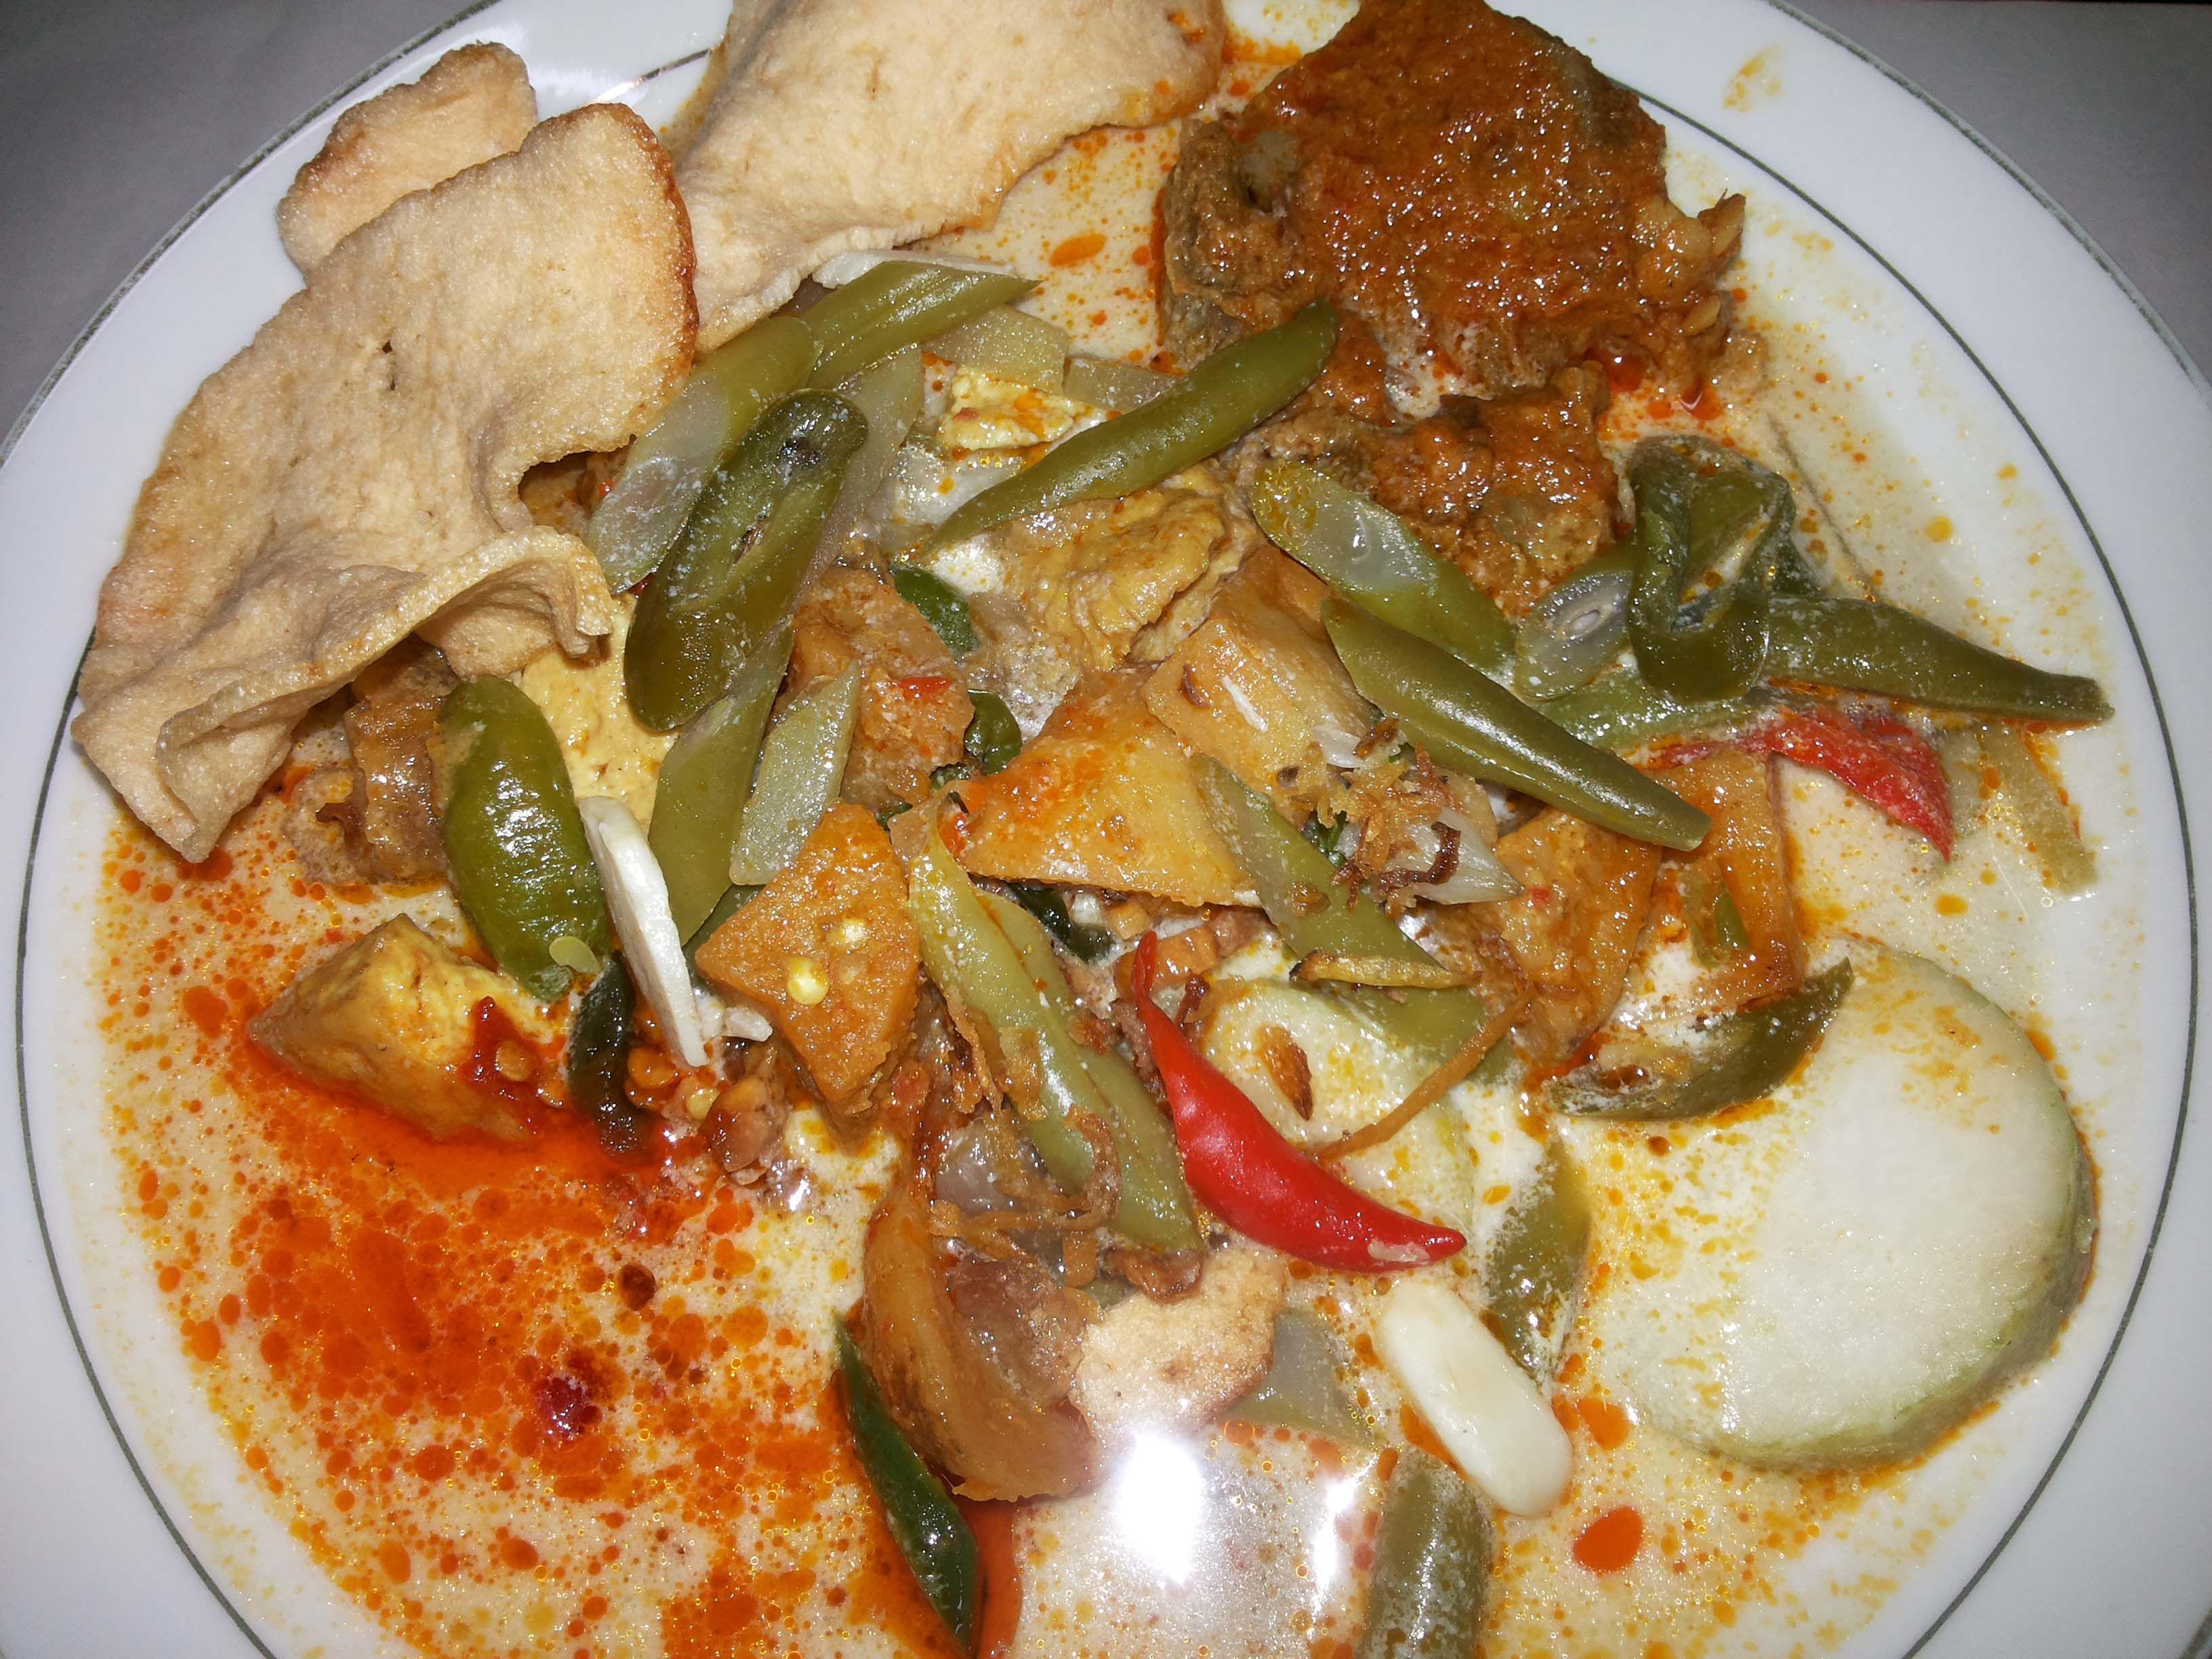 Resep Lontong Cap Go Meh Theasianparent Indonesia Resep Masakan Makanan Dan Minuman Masakan